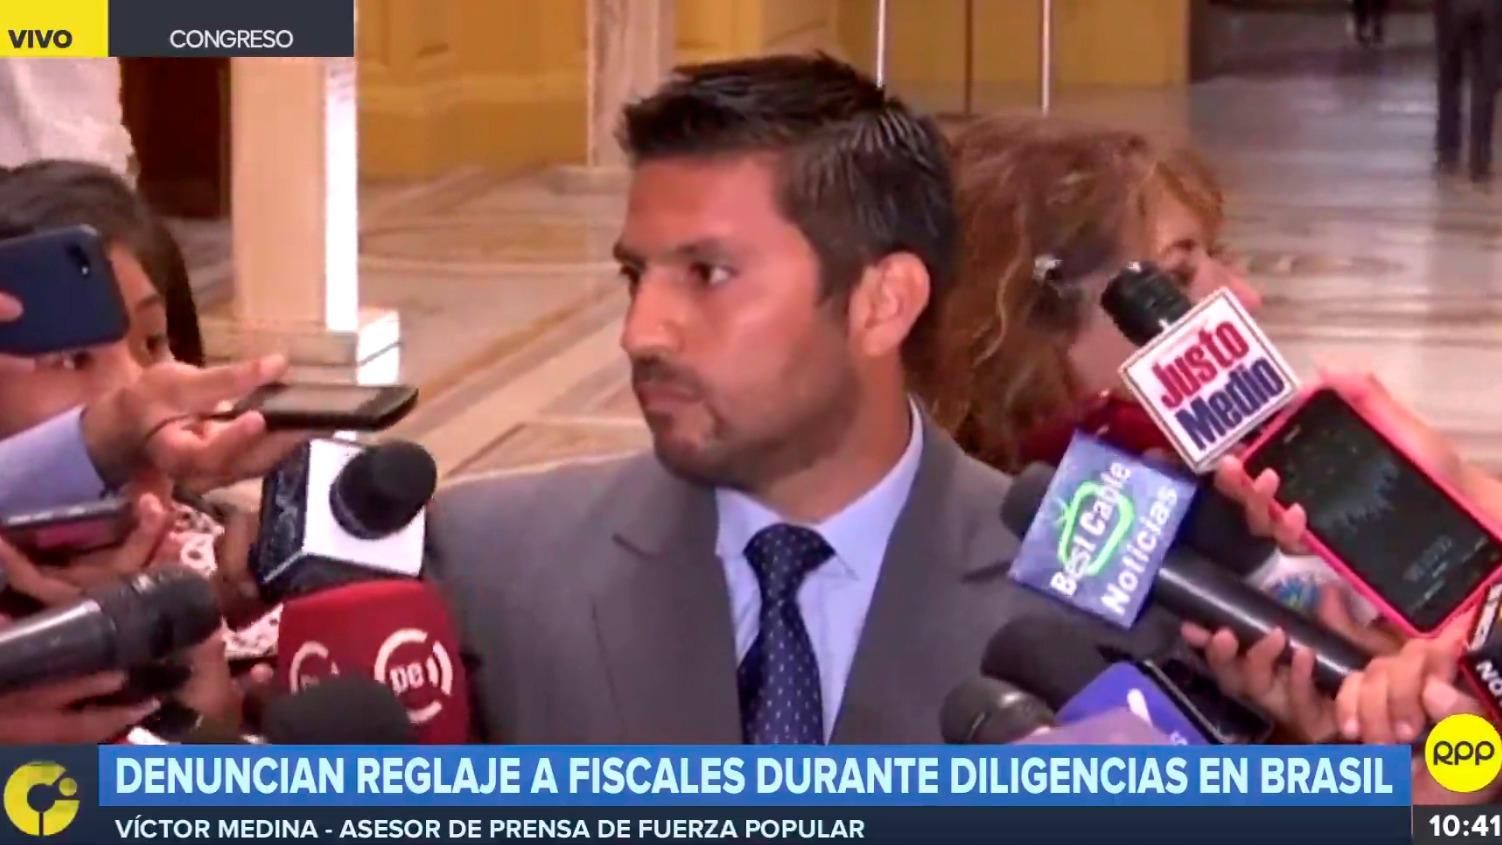 El asesor Victor Medina dio sus descargos frente a las denuncias de reglaje a fiscales peruanos durante interrogatorio a Barata en Brasil